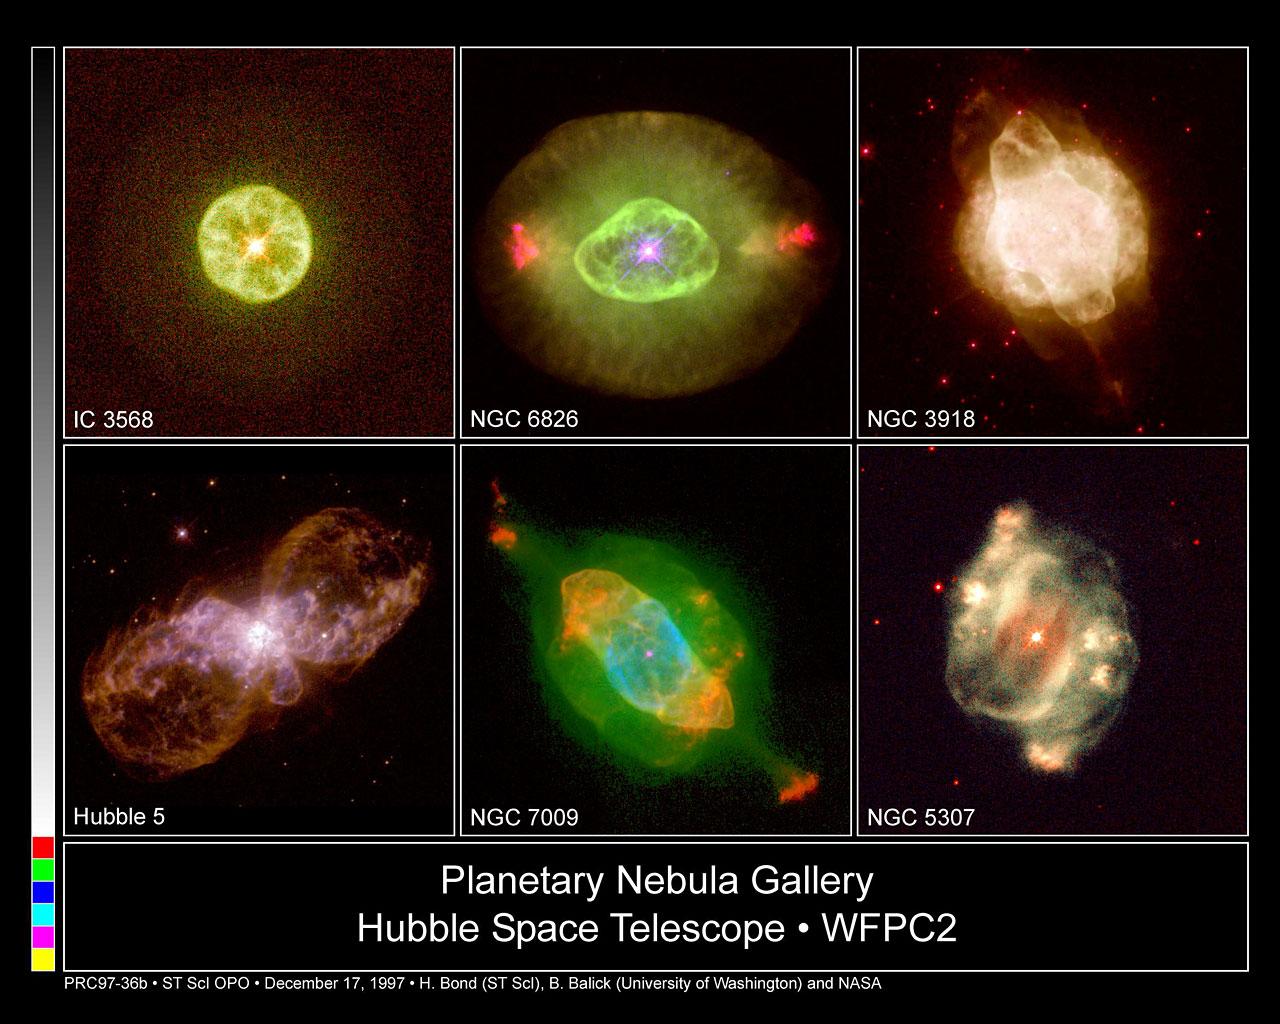 Hubble's Planetary Nebula Gallery